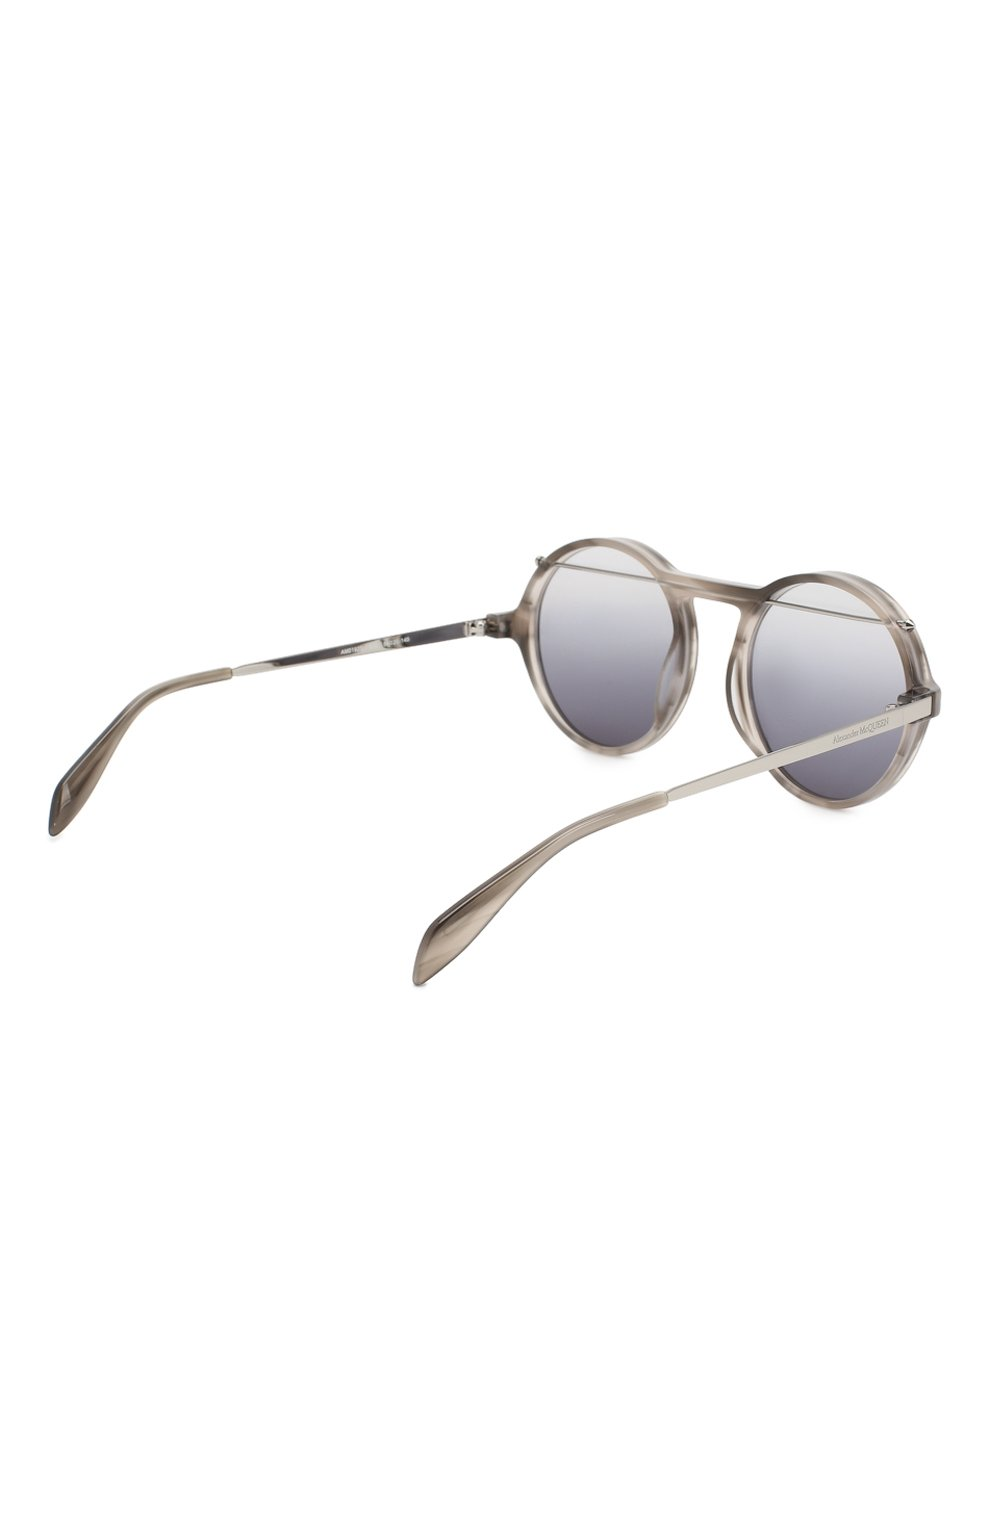 Женские солнцезащитные очки ALEXANDER MCQUEEN черного цвета, арт. AM0192 003 | Фото 4